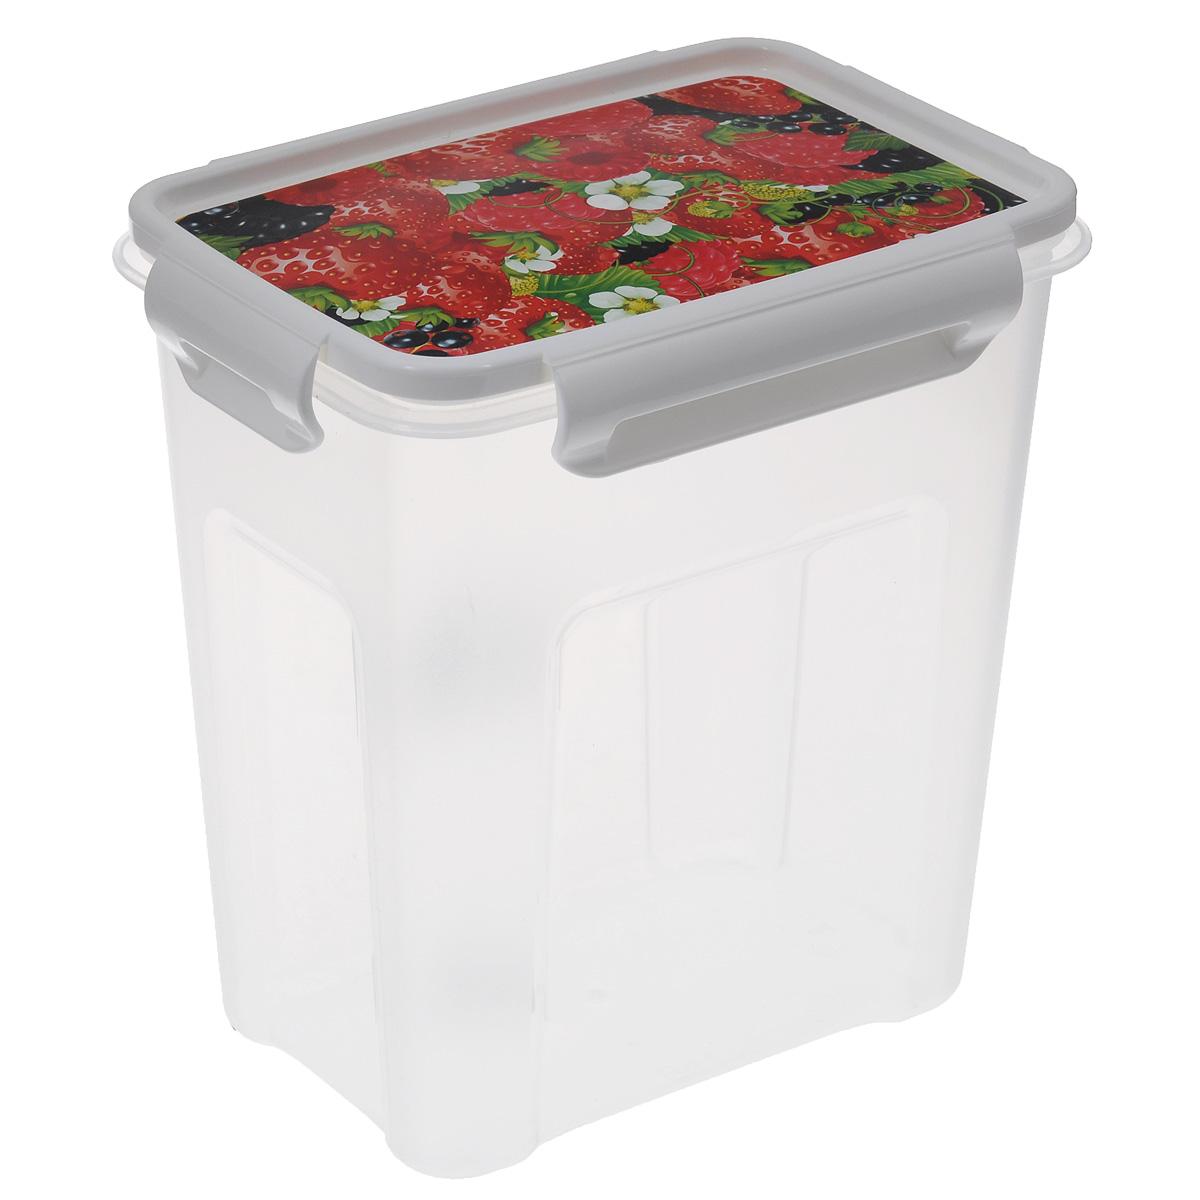 """Контейнер Полимербыт """"Лок декор"""" прямоугольной формы, изготовленный из прочного пластика, предназначен специально для хранения пищевых продуктов. Крышка, декорированная изображением ягод, легко открывается и плотно закрывается.   Контейнер устойчив к воздействию масел и жиров, легко моется. Прозрачные стенки позволяют видеть содержимое. Контейнер имеет возможность хранения продуктов глубокой заморозки, обладает высокой прочностью.  Можно мыть в посудомоечной машине. Подходит для использования в микроволновых печах."""